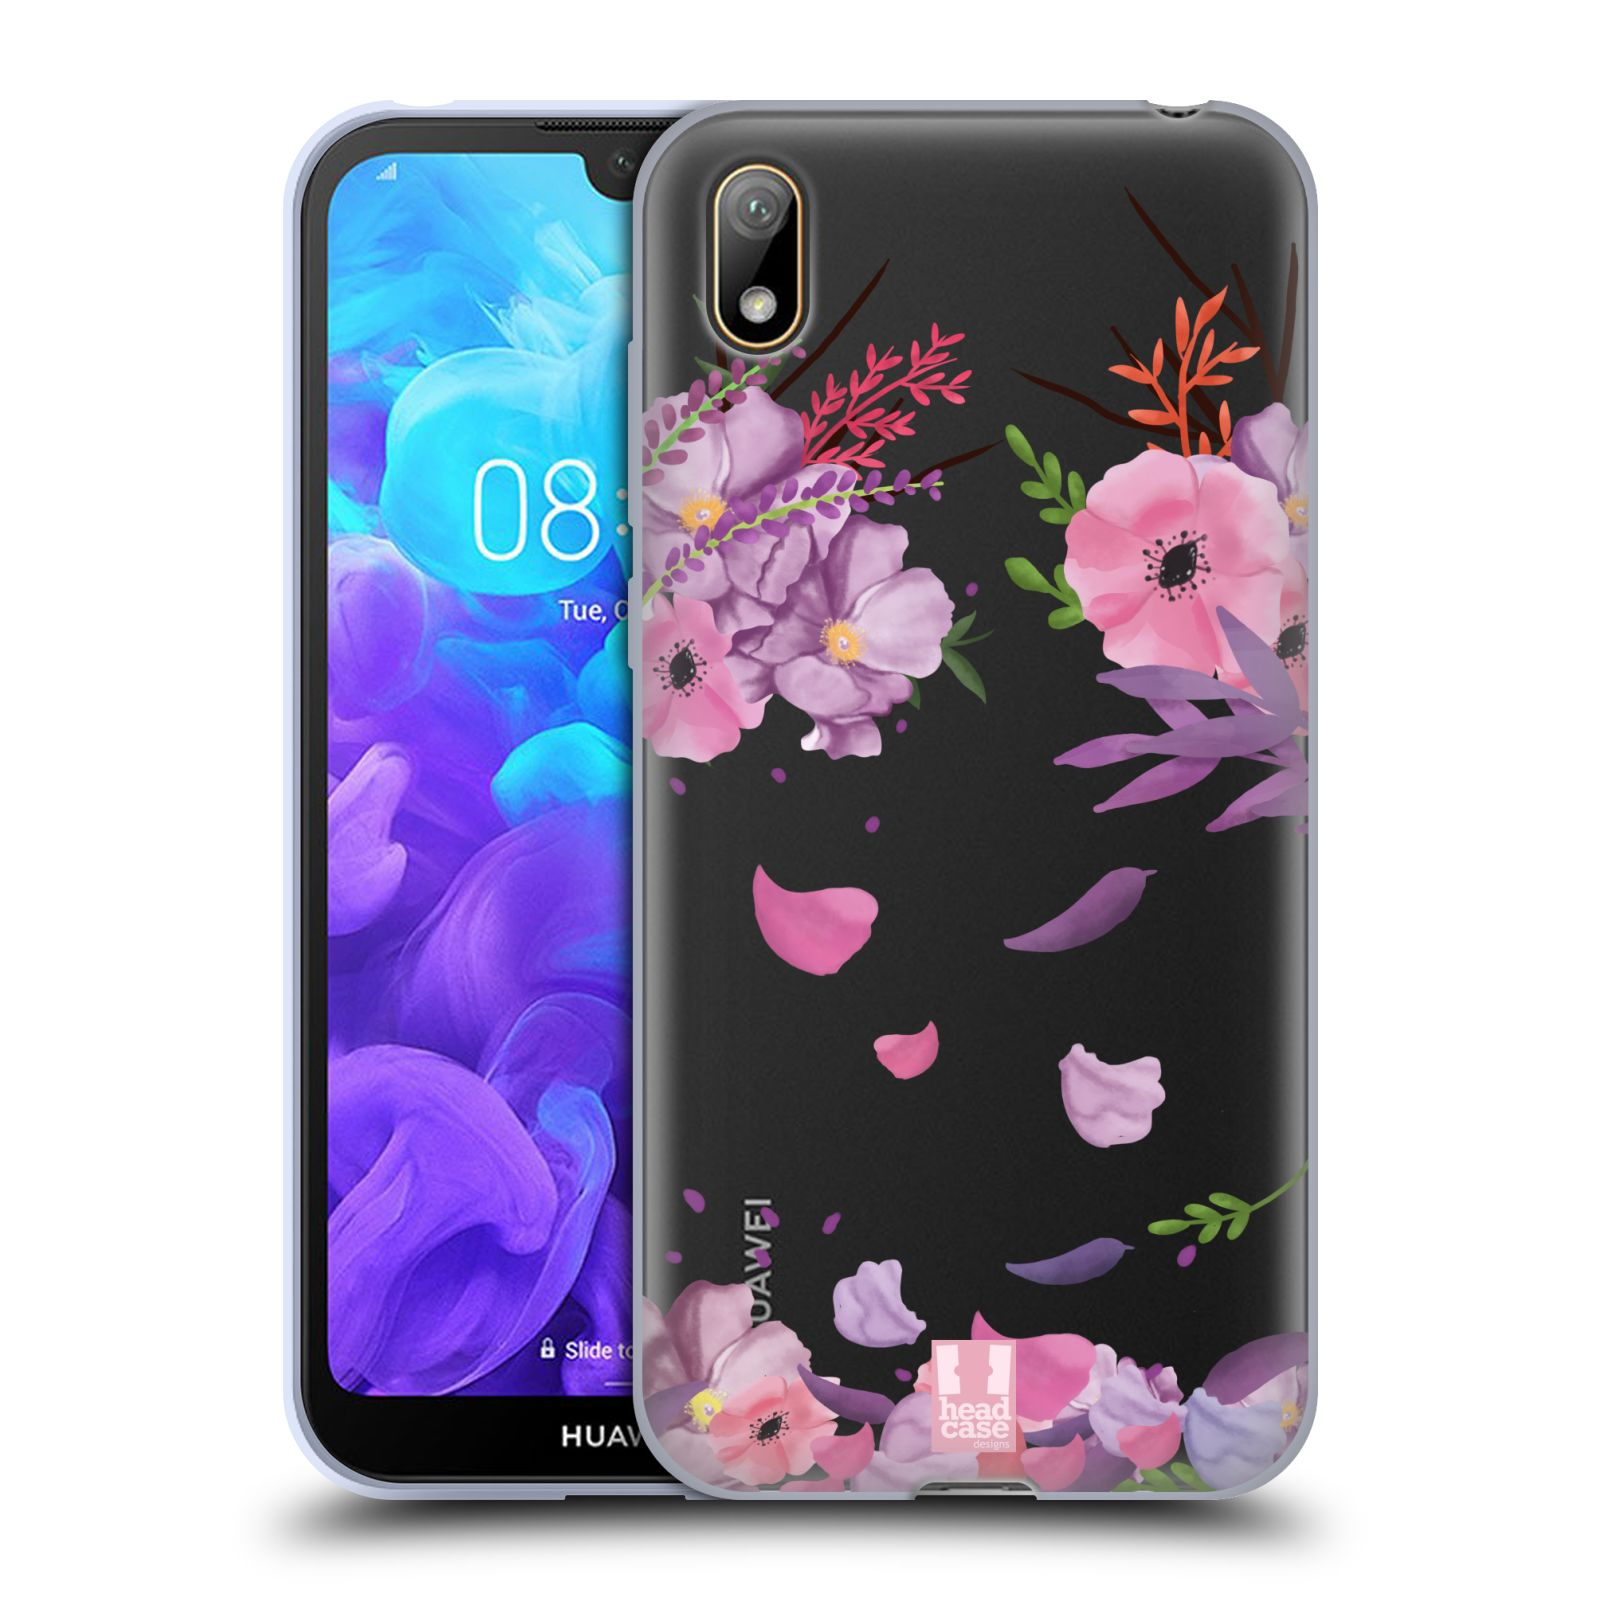 Silikonové pouzdro na mobil Huawei Y5 (2019) - Head Case - Okvětní lístky